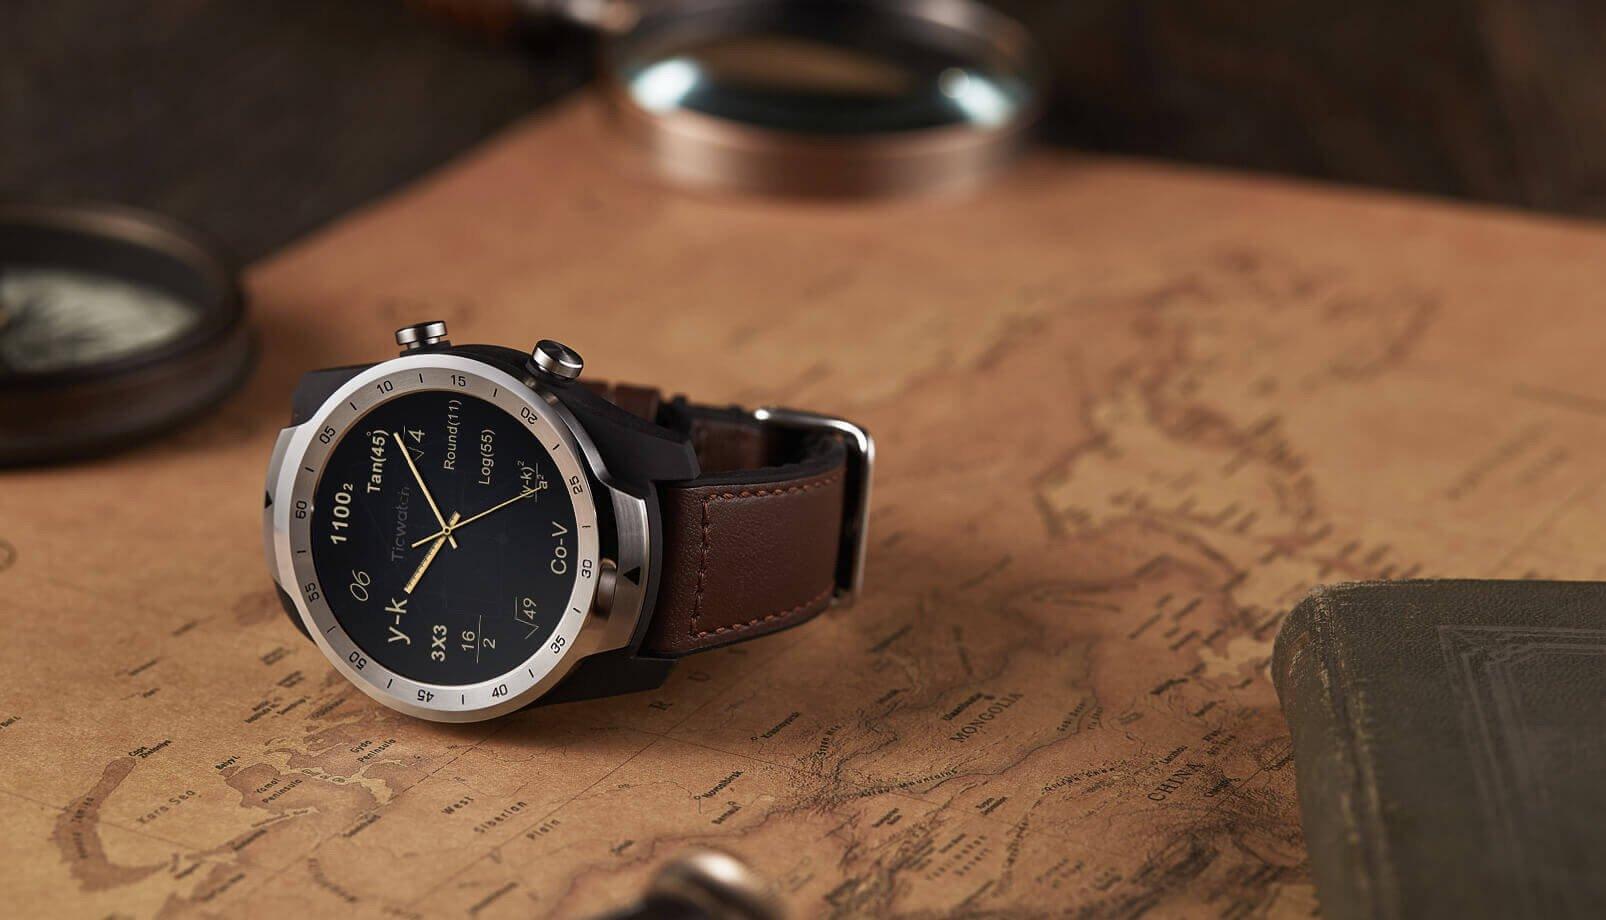 ساعت هوشمند موبوی تیک واچ پرو